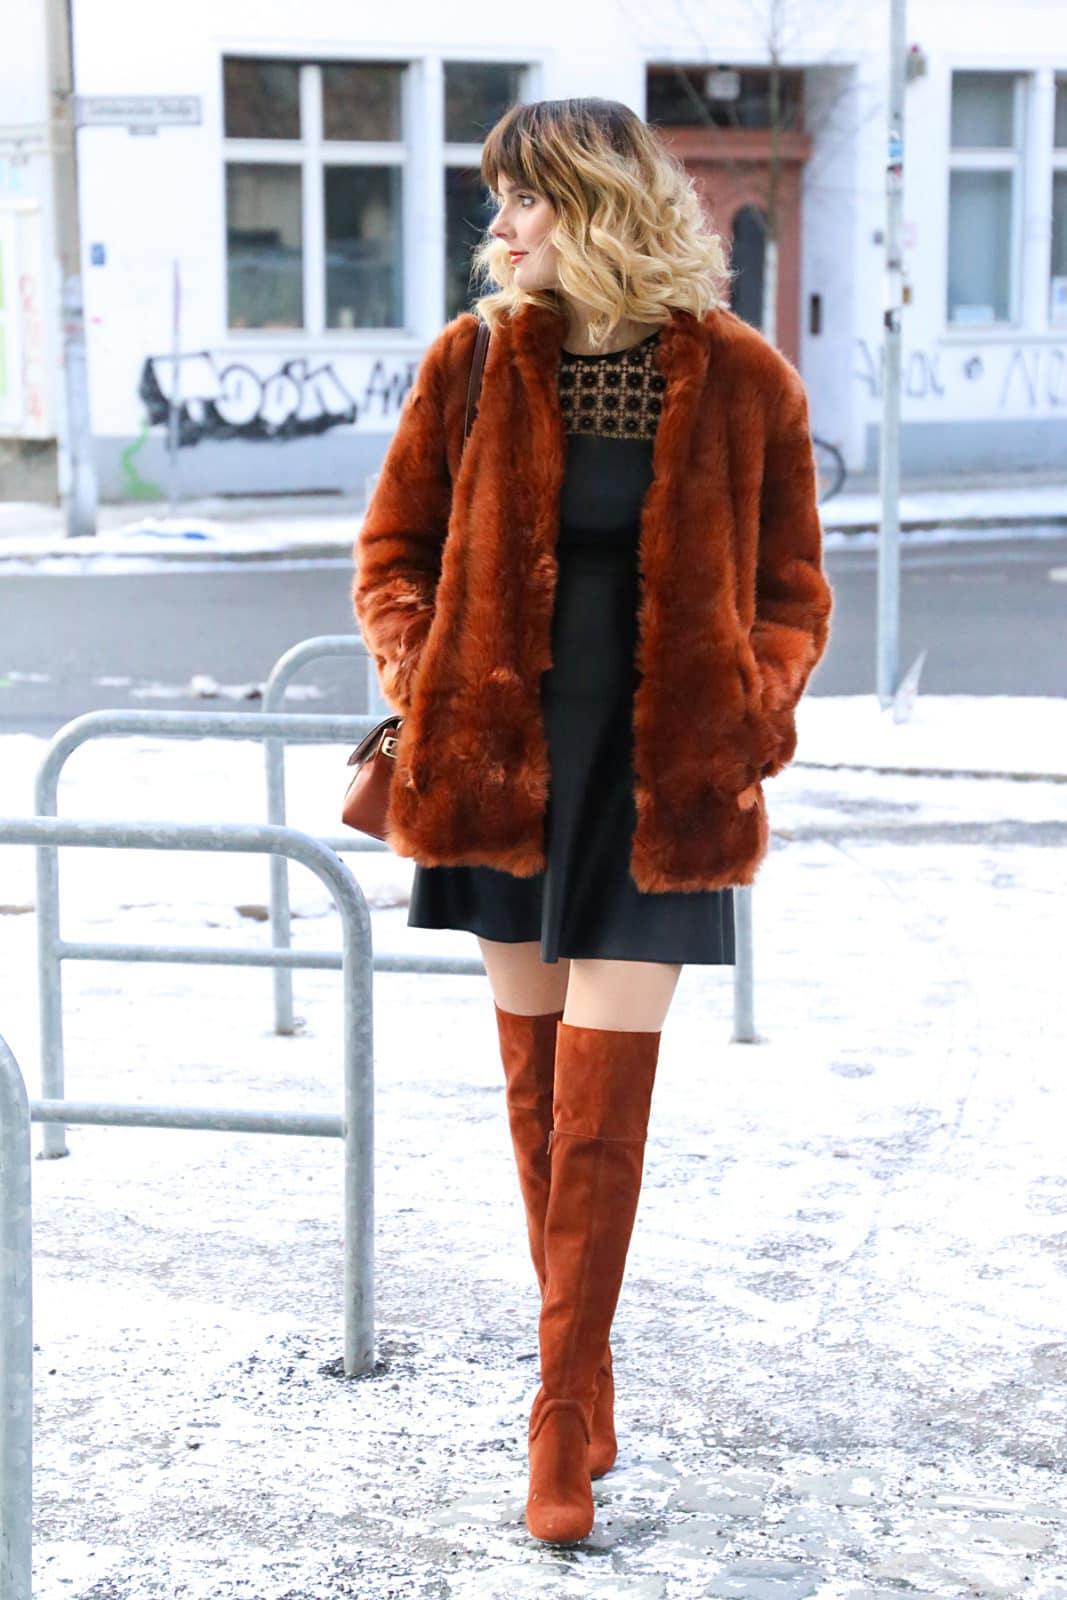 desbelleschoses-fashion-blog-köln-streetstyle-berlin-overknees-zara-fake-fur-jacke-leder-kleid-guess-handtasche 11